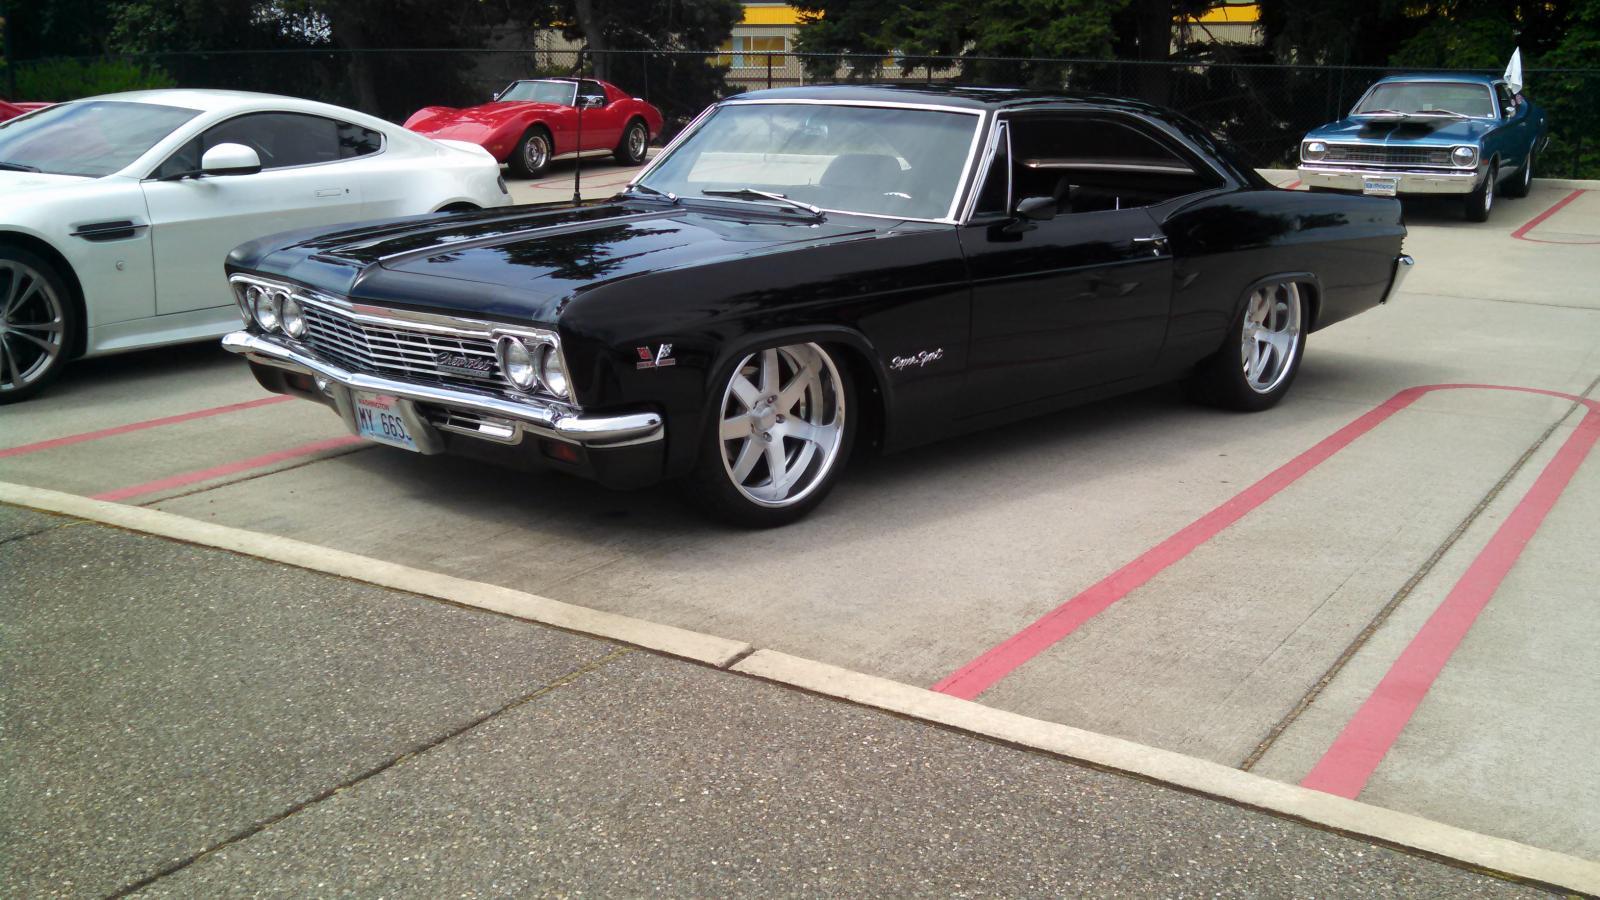 66 Impala Ss From Washington St